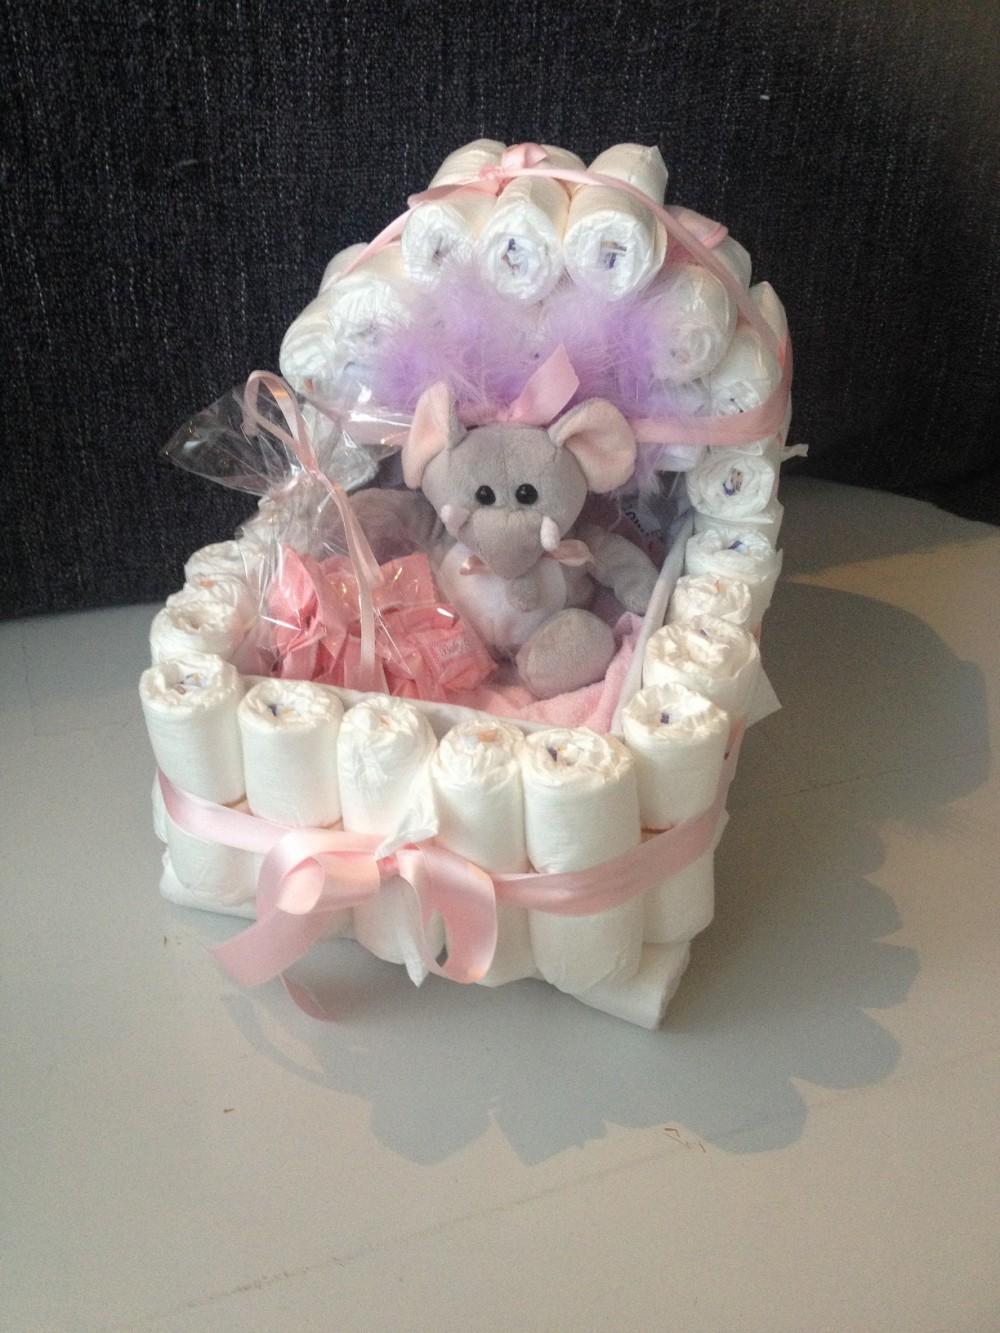 ... Baby Shower. Gaver - Pynt - Bleiekaker - Alt Til Baby Shower - Baby: www.dinbabyshower.no/produkt/bleiekaker/bleiekake-vogn